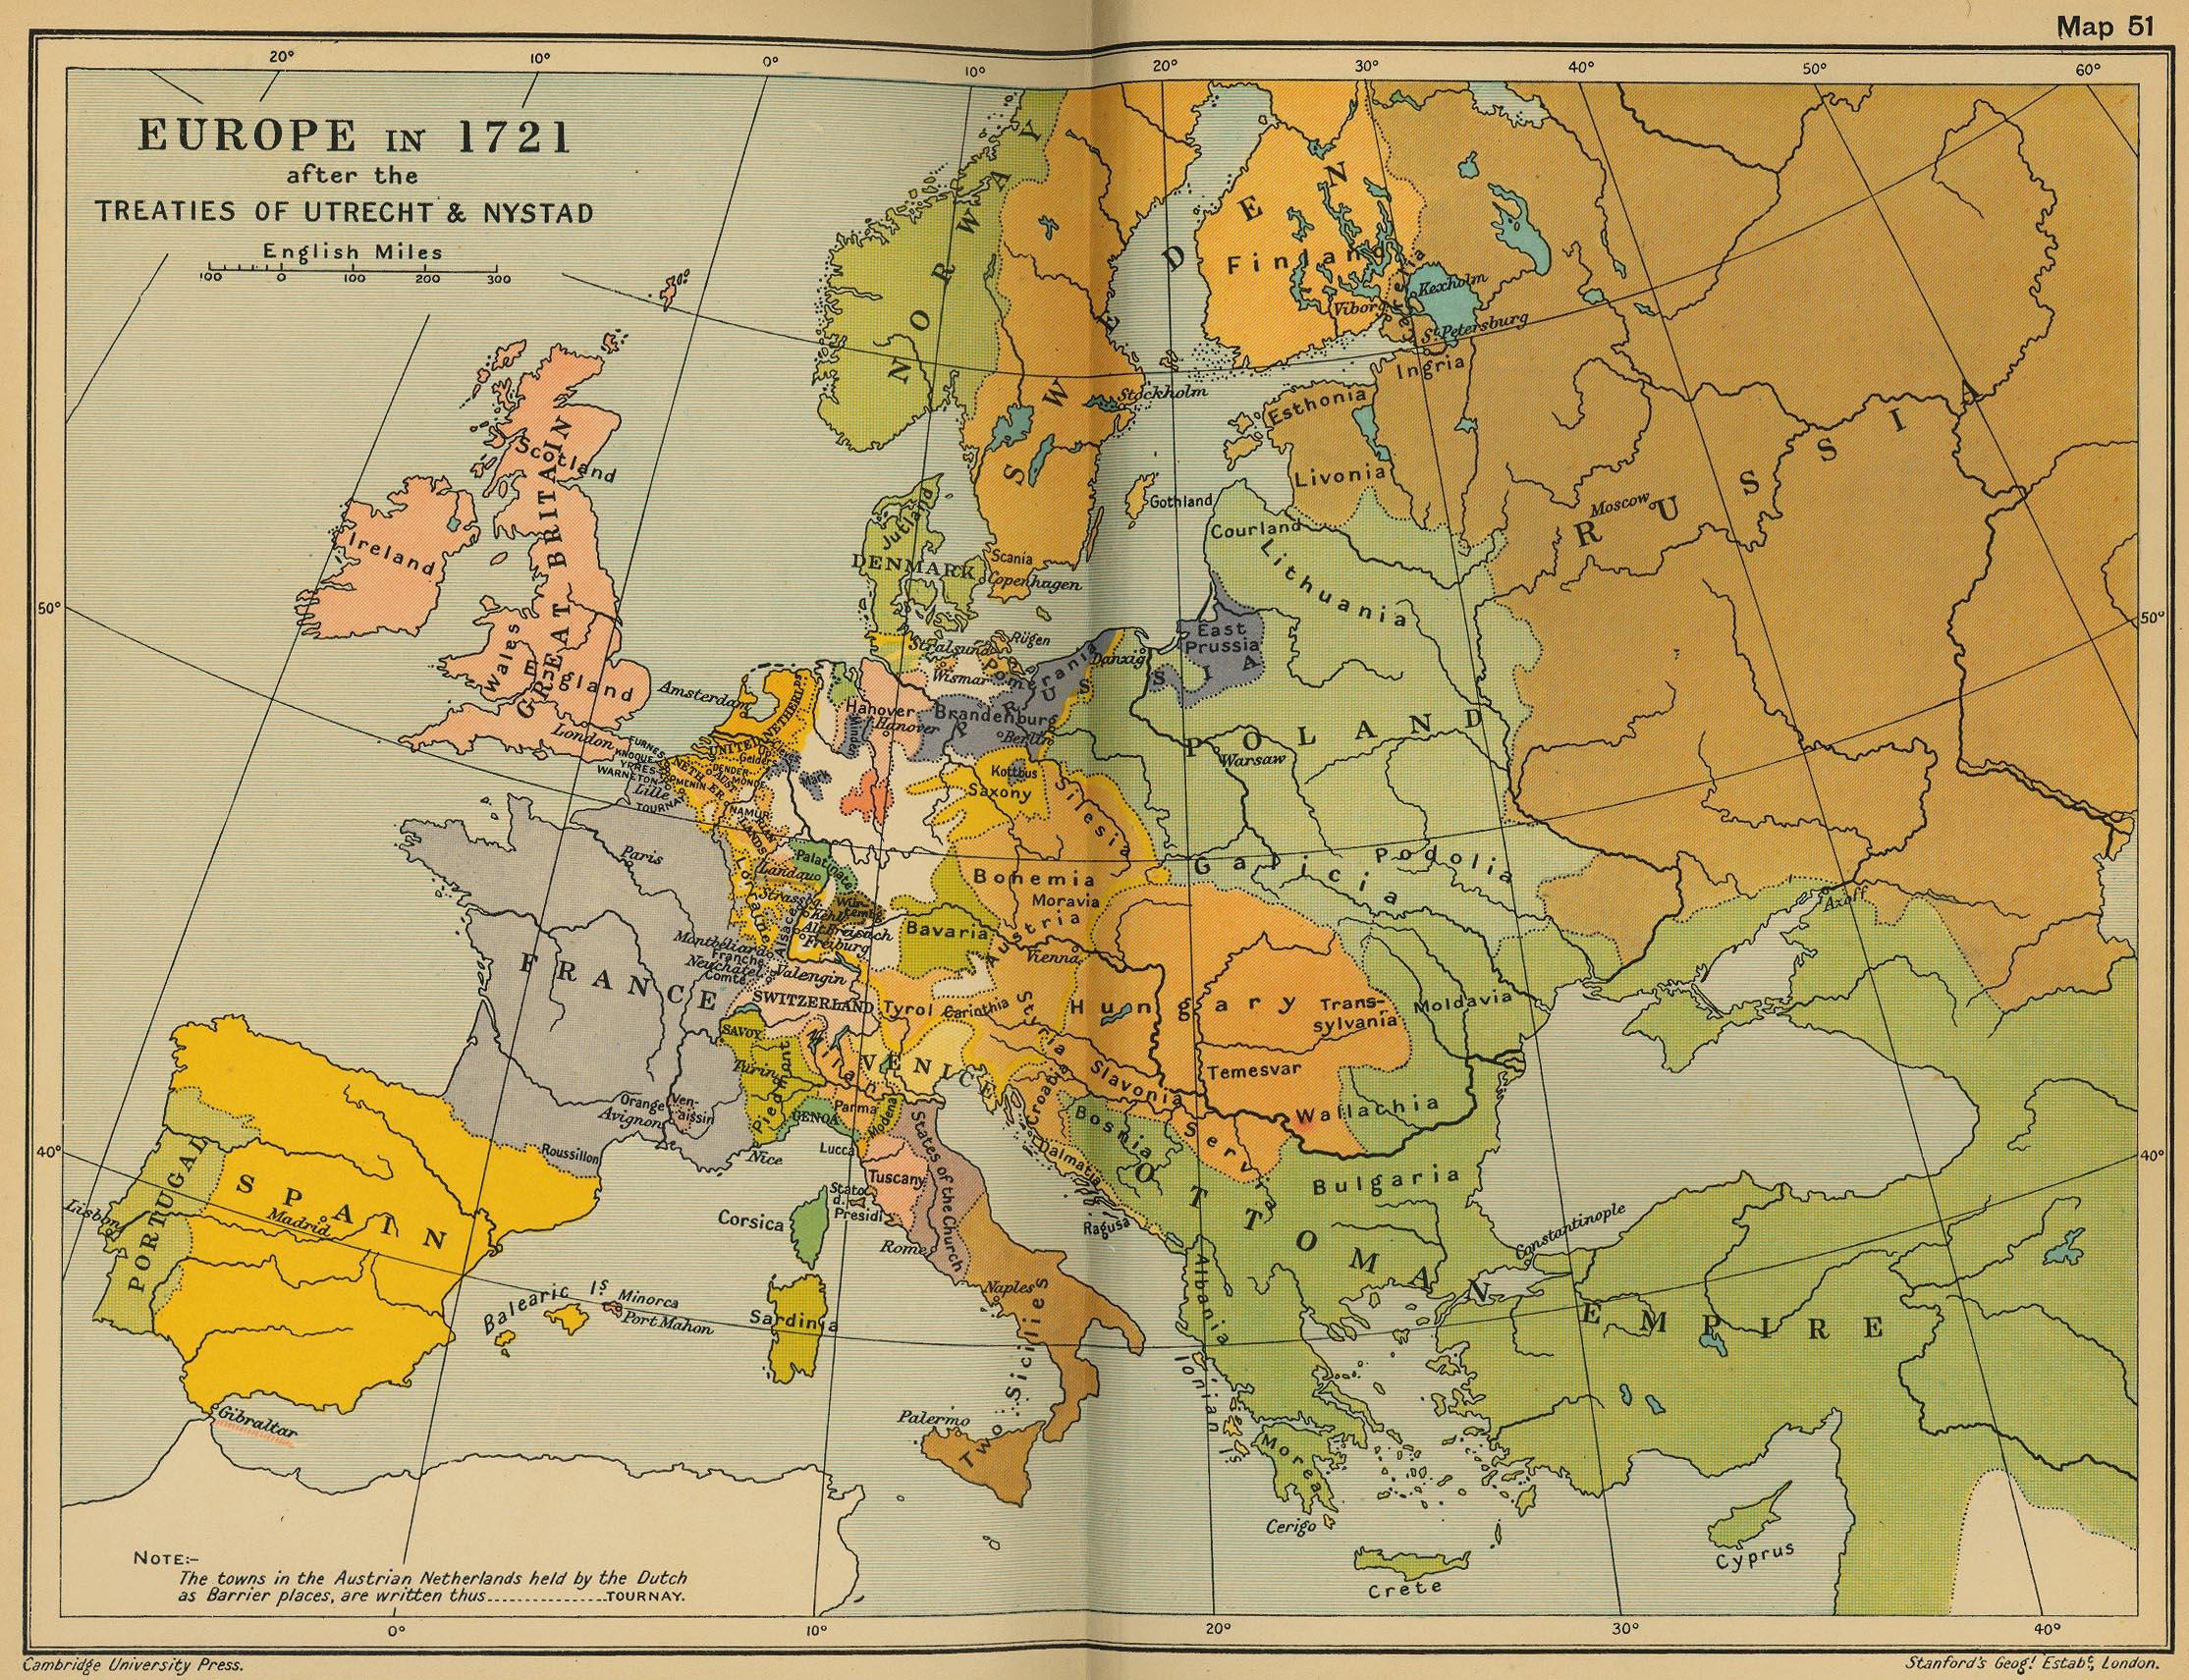 Europa en 1721 después de los Tratados de Utrecht y Nystad